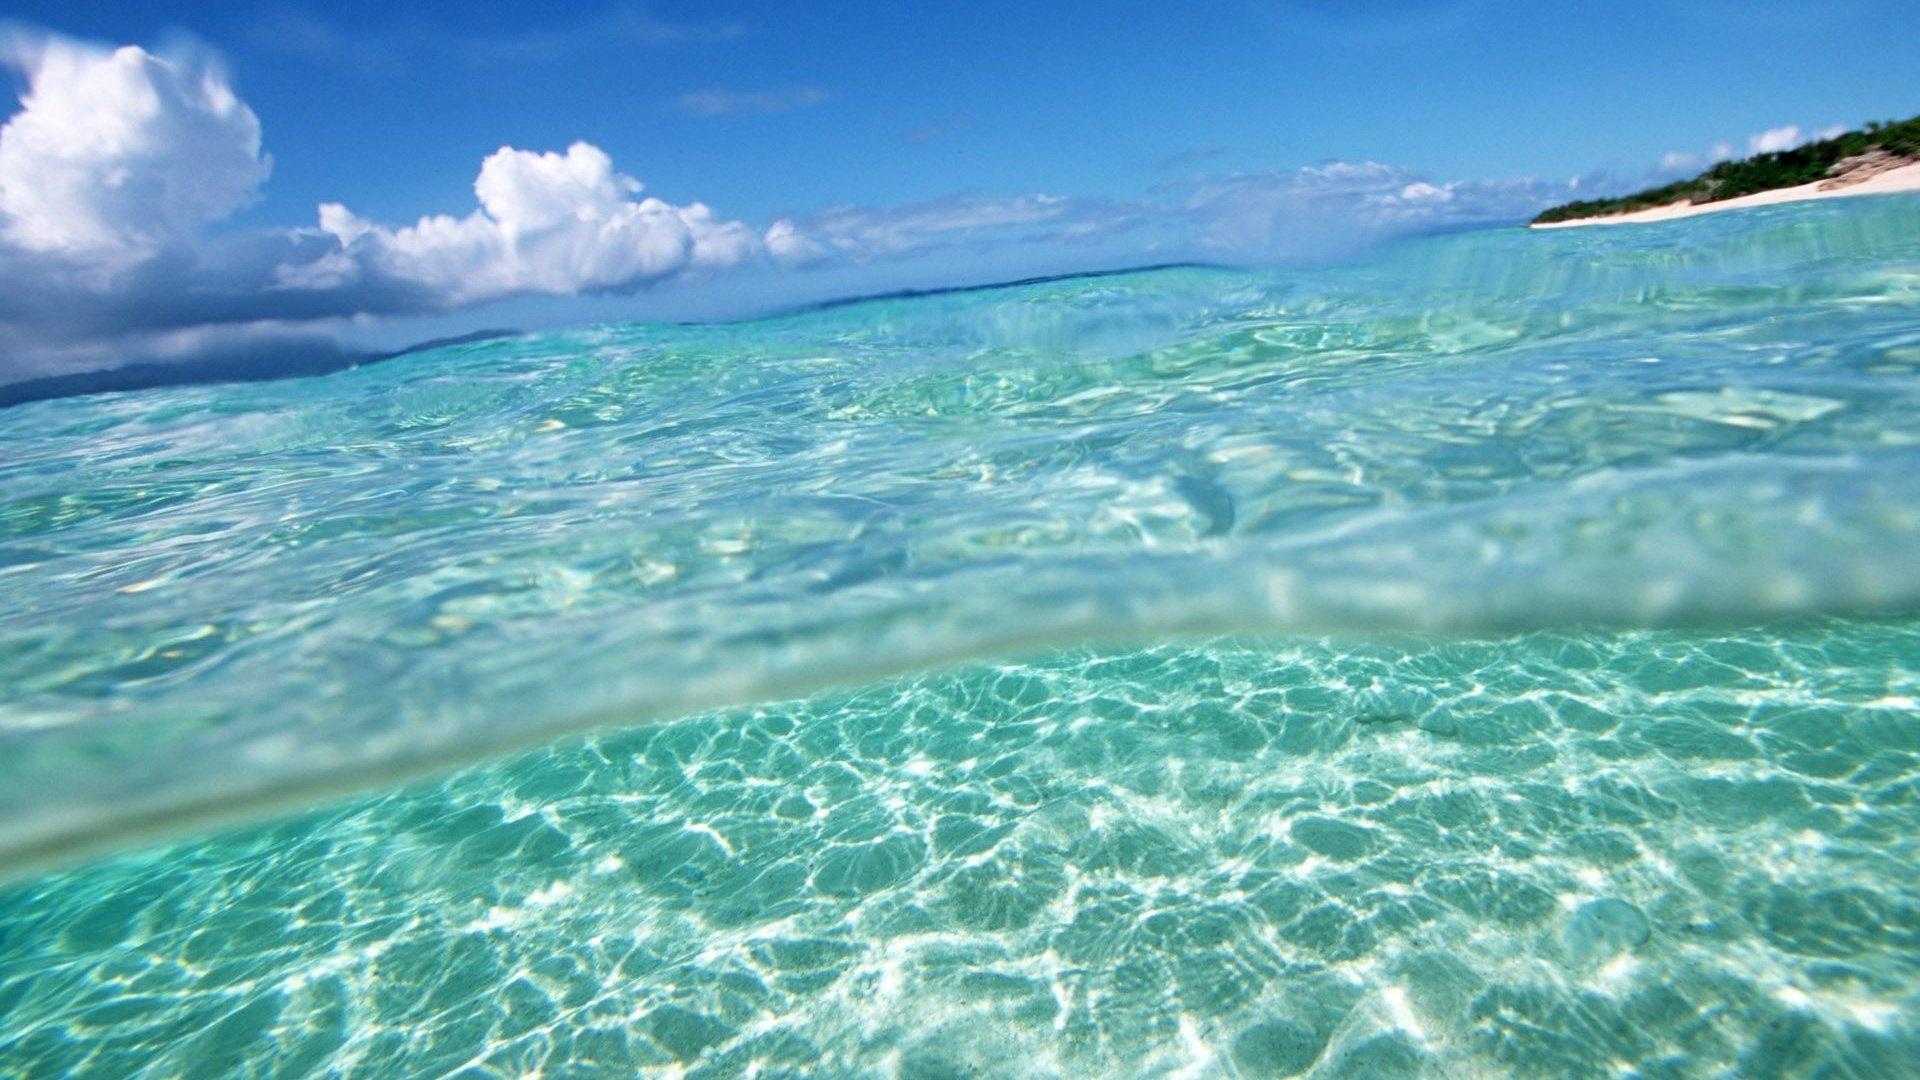 картинки пляжа воды новом дне новый